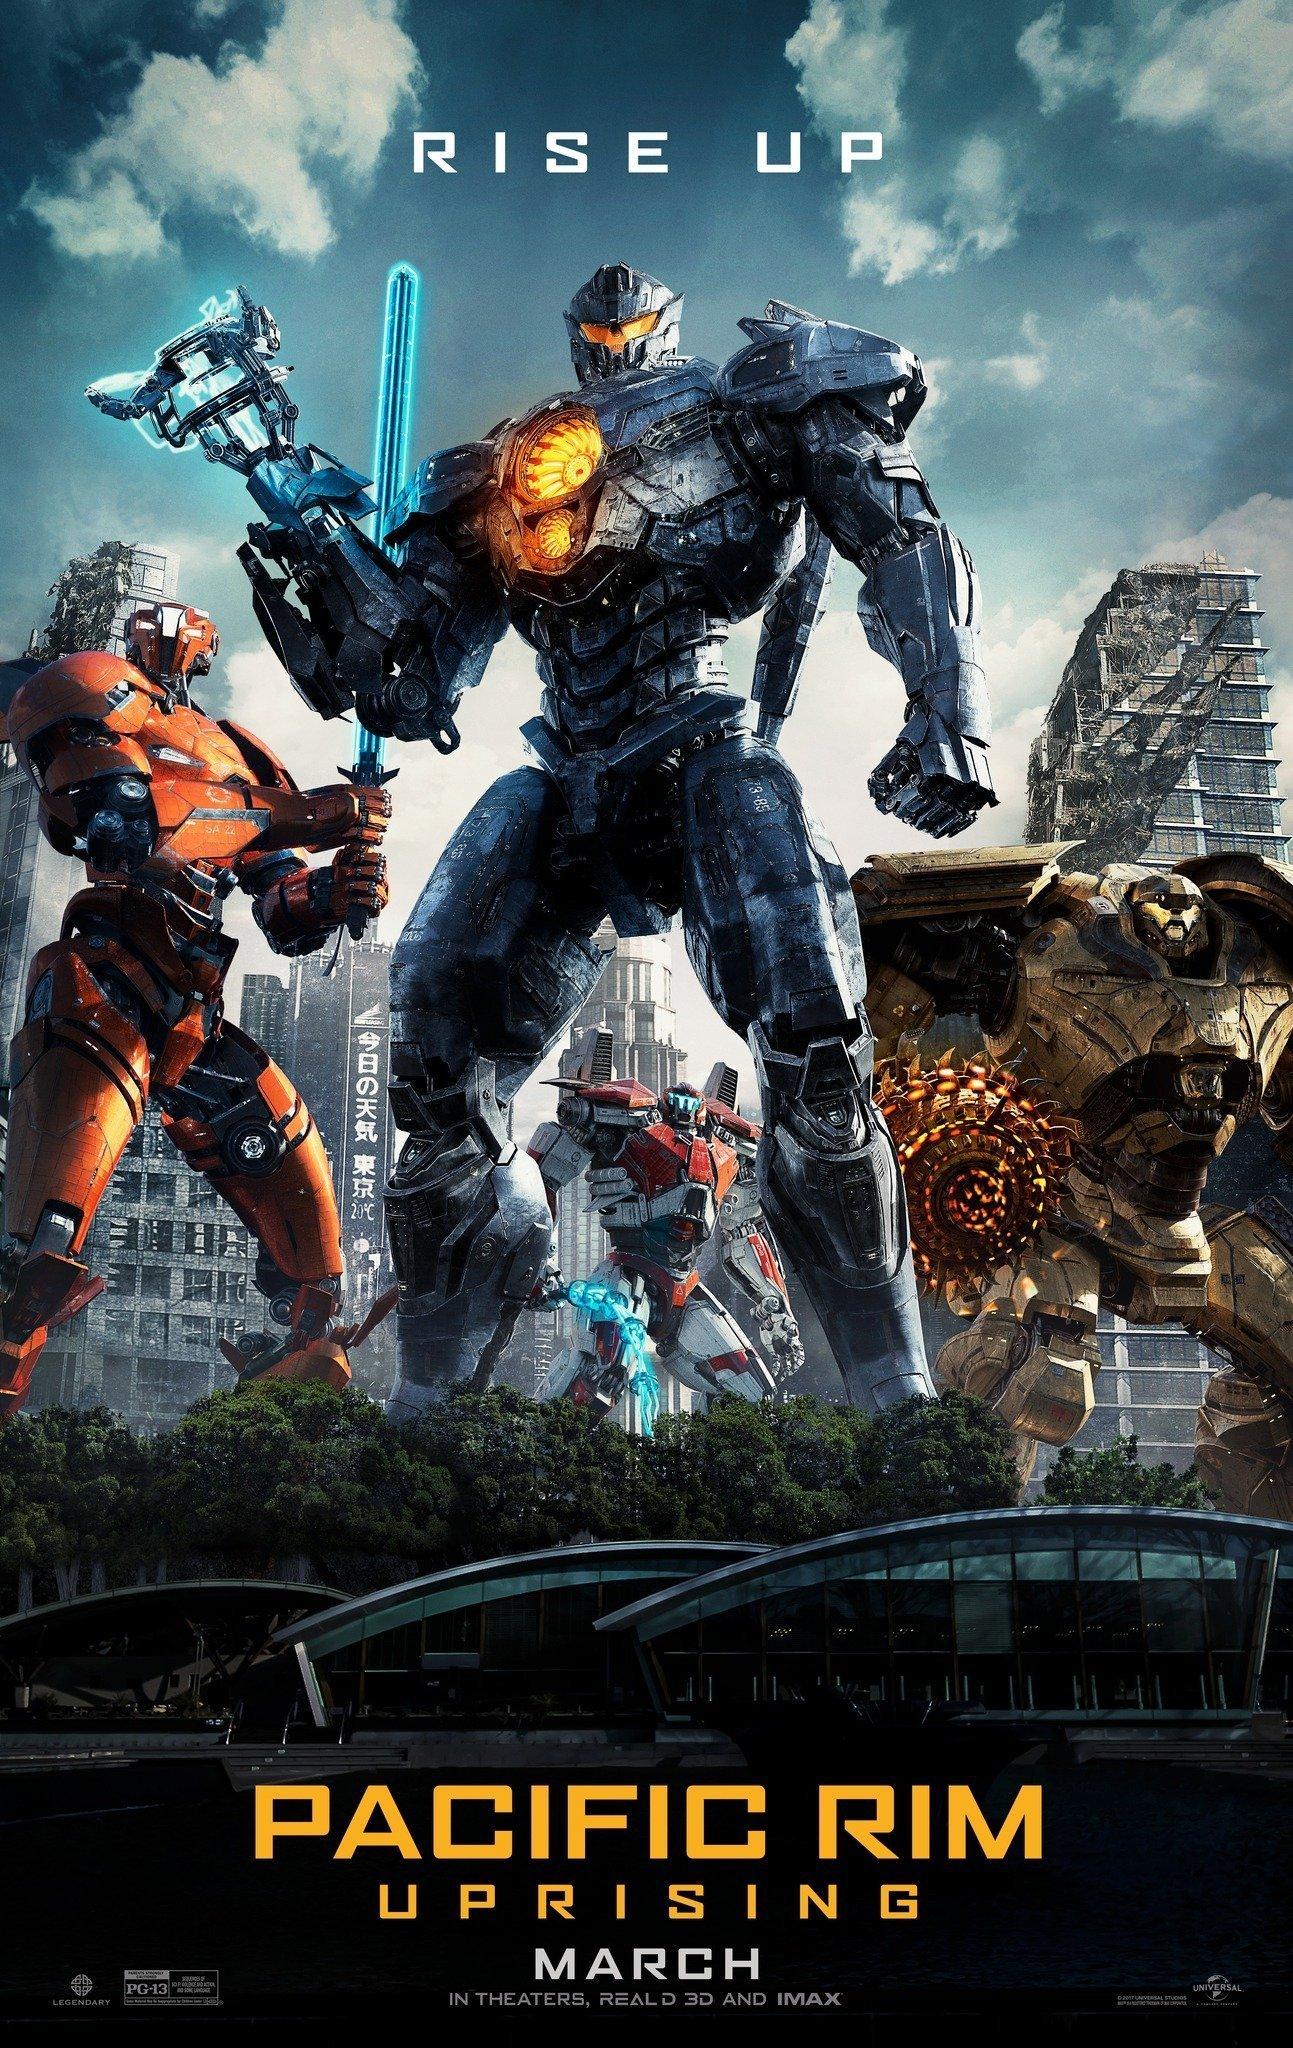 """Poster du film Pacific Rim: Uprising réalisé par Steven S. DeKnight avec la tagline """"Rise Up"""""""